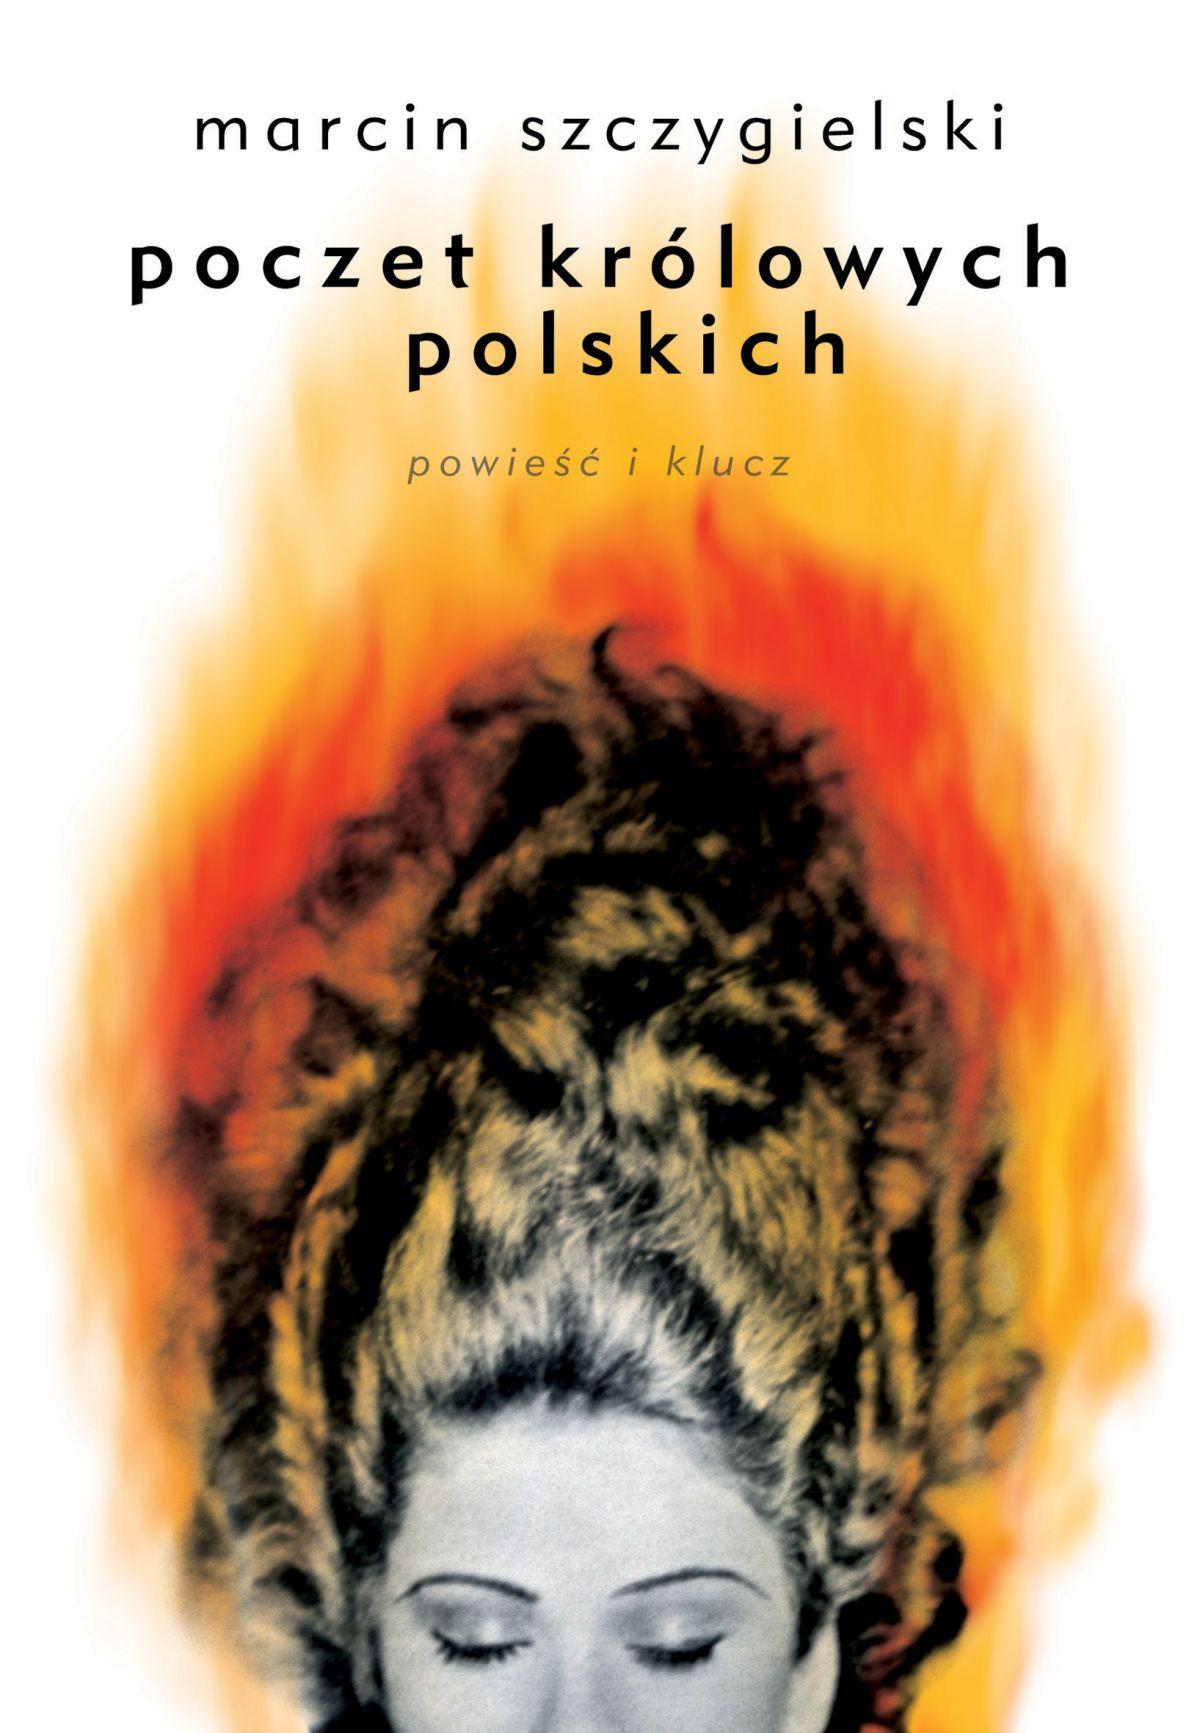 Poczet królowych polskich. Powieść i klucz - Ebook (Książka EPUB) do pobrania w formacie EPUB